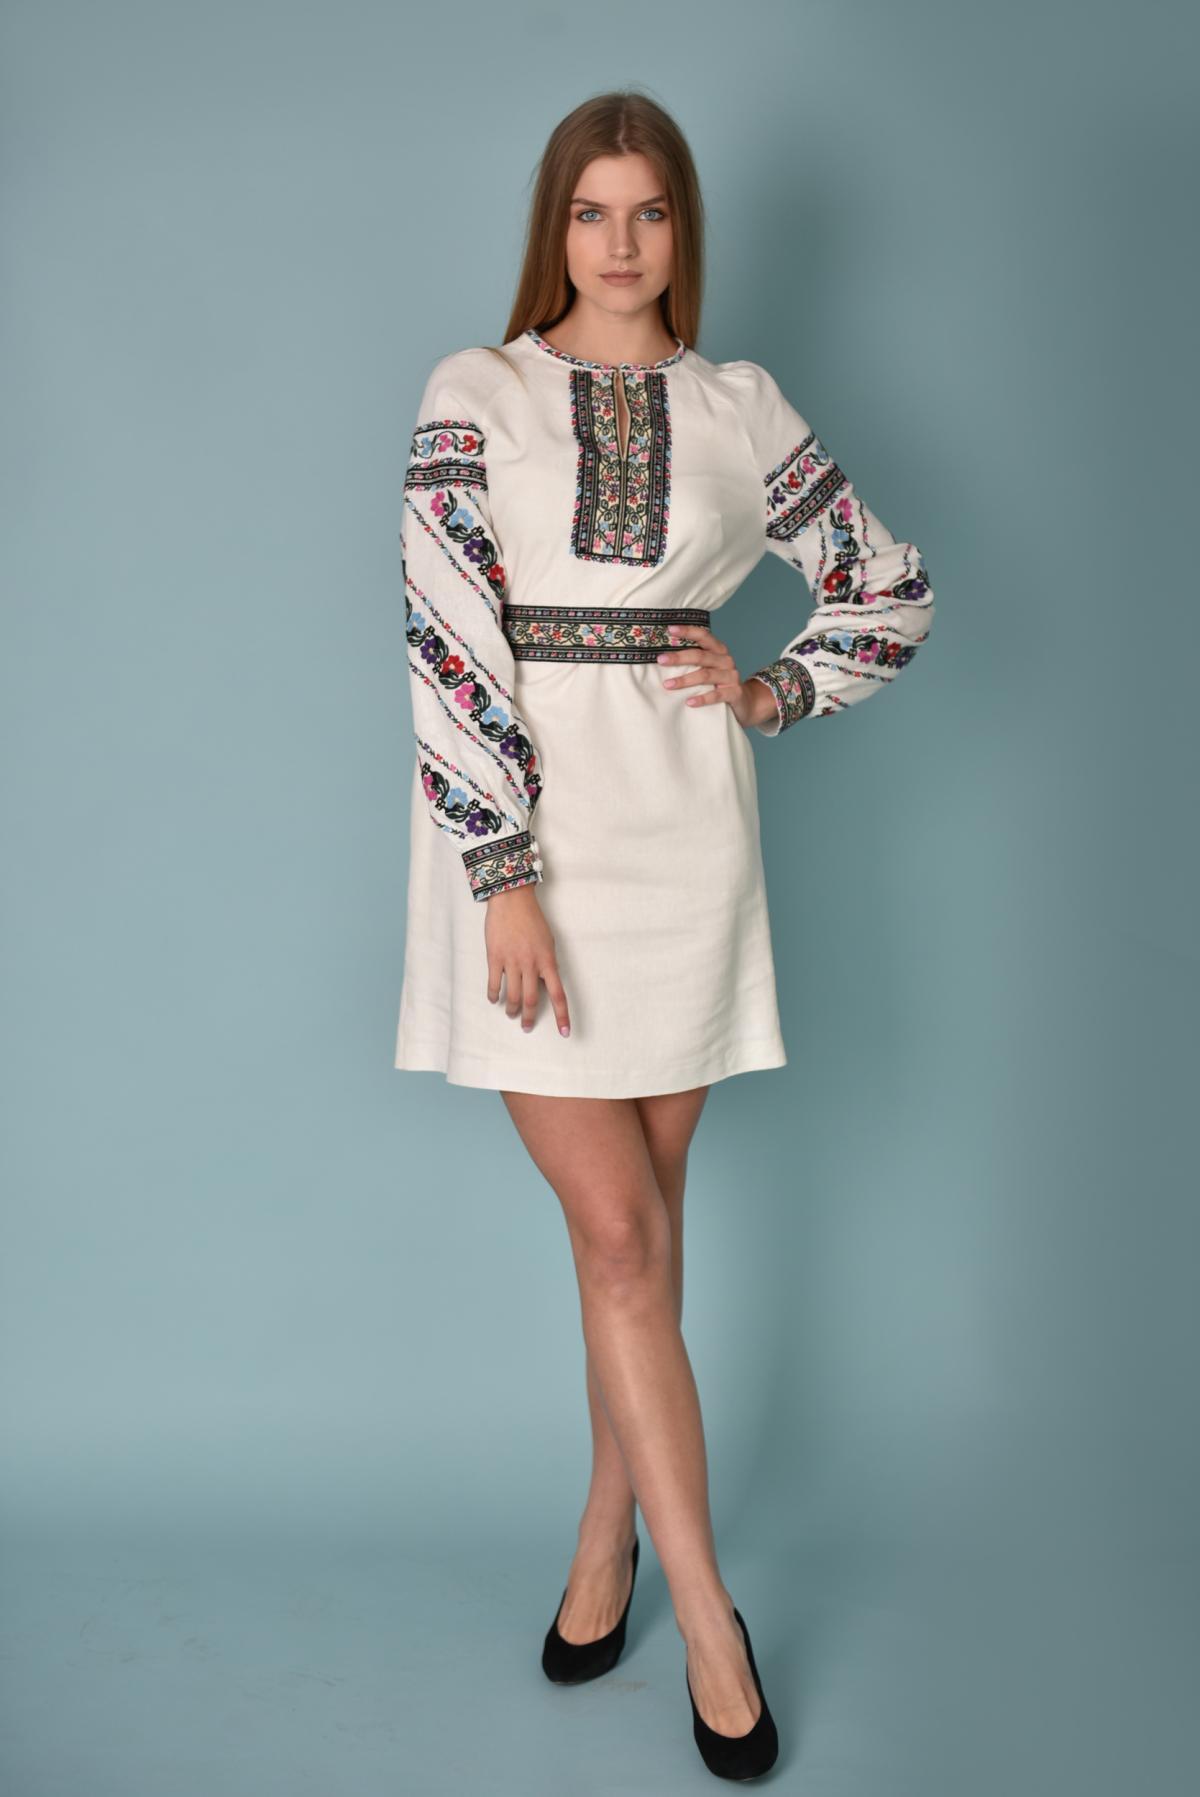 Белое вышитое платье с красочной вышивкой. Фото №1. | Народный дом Украина